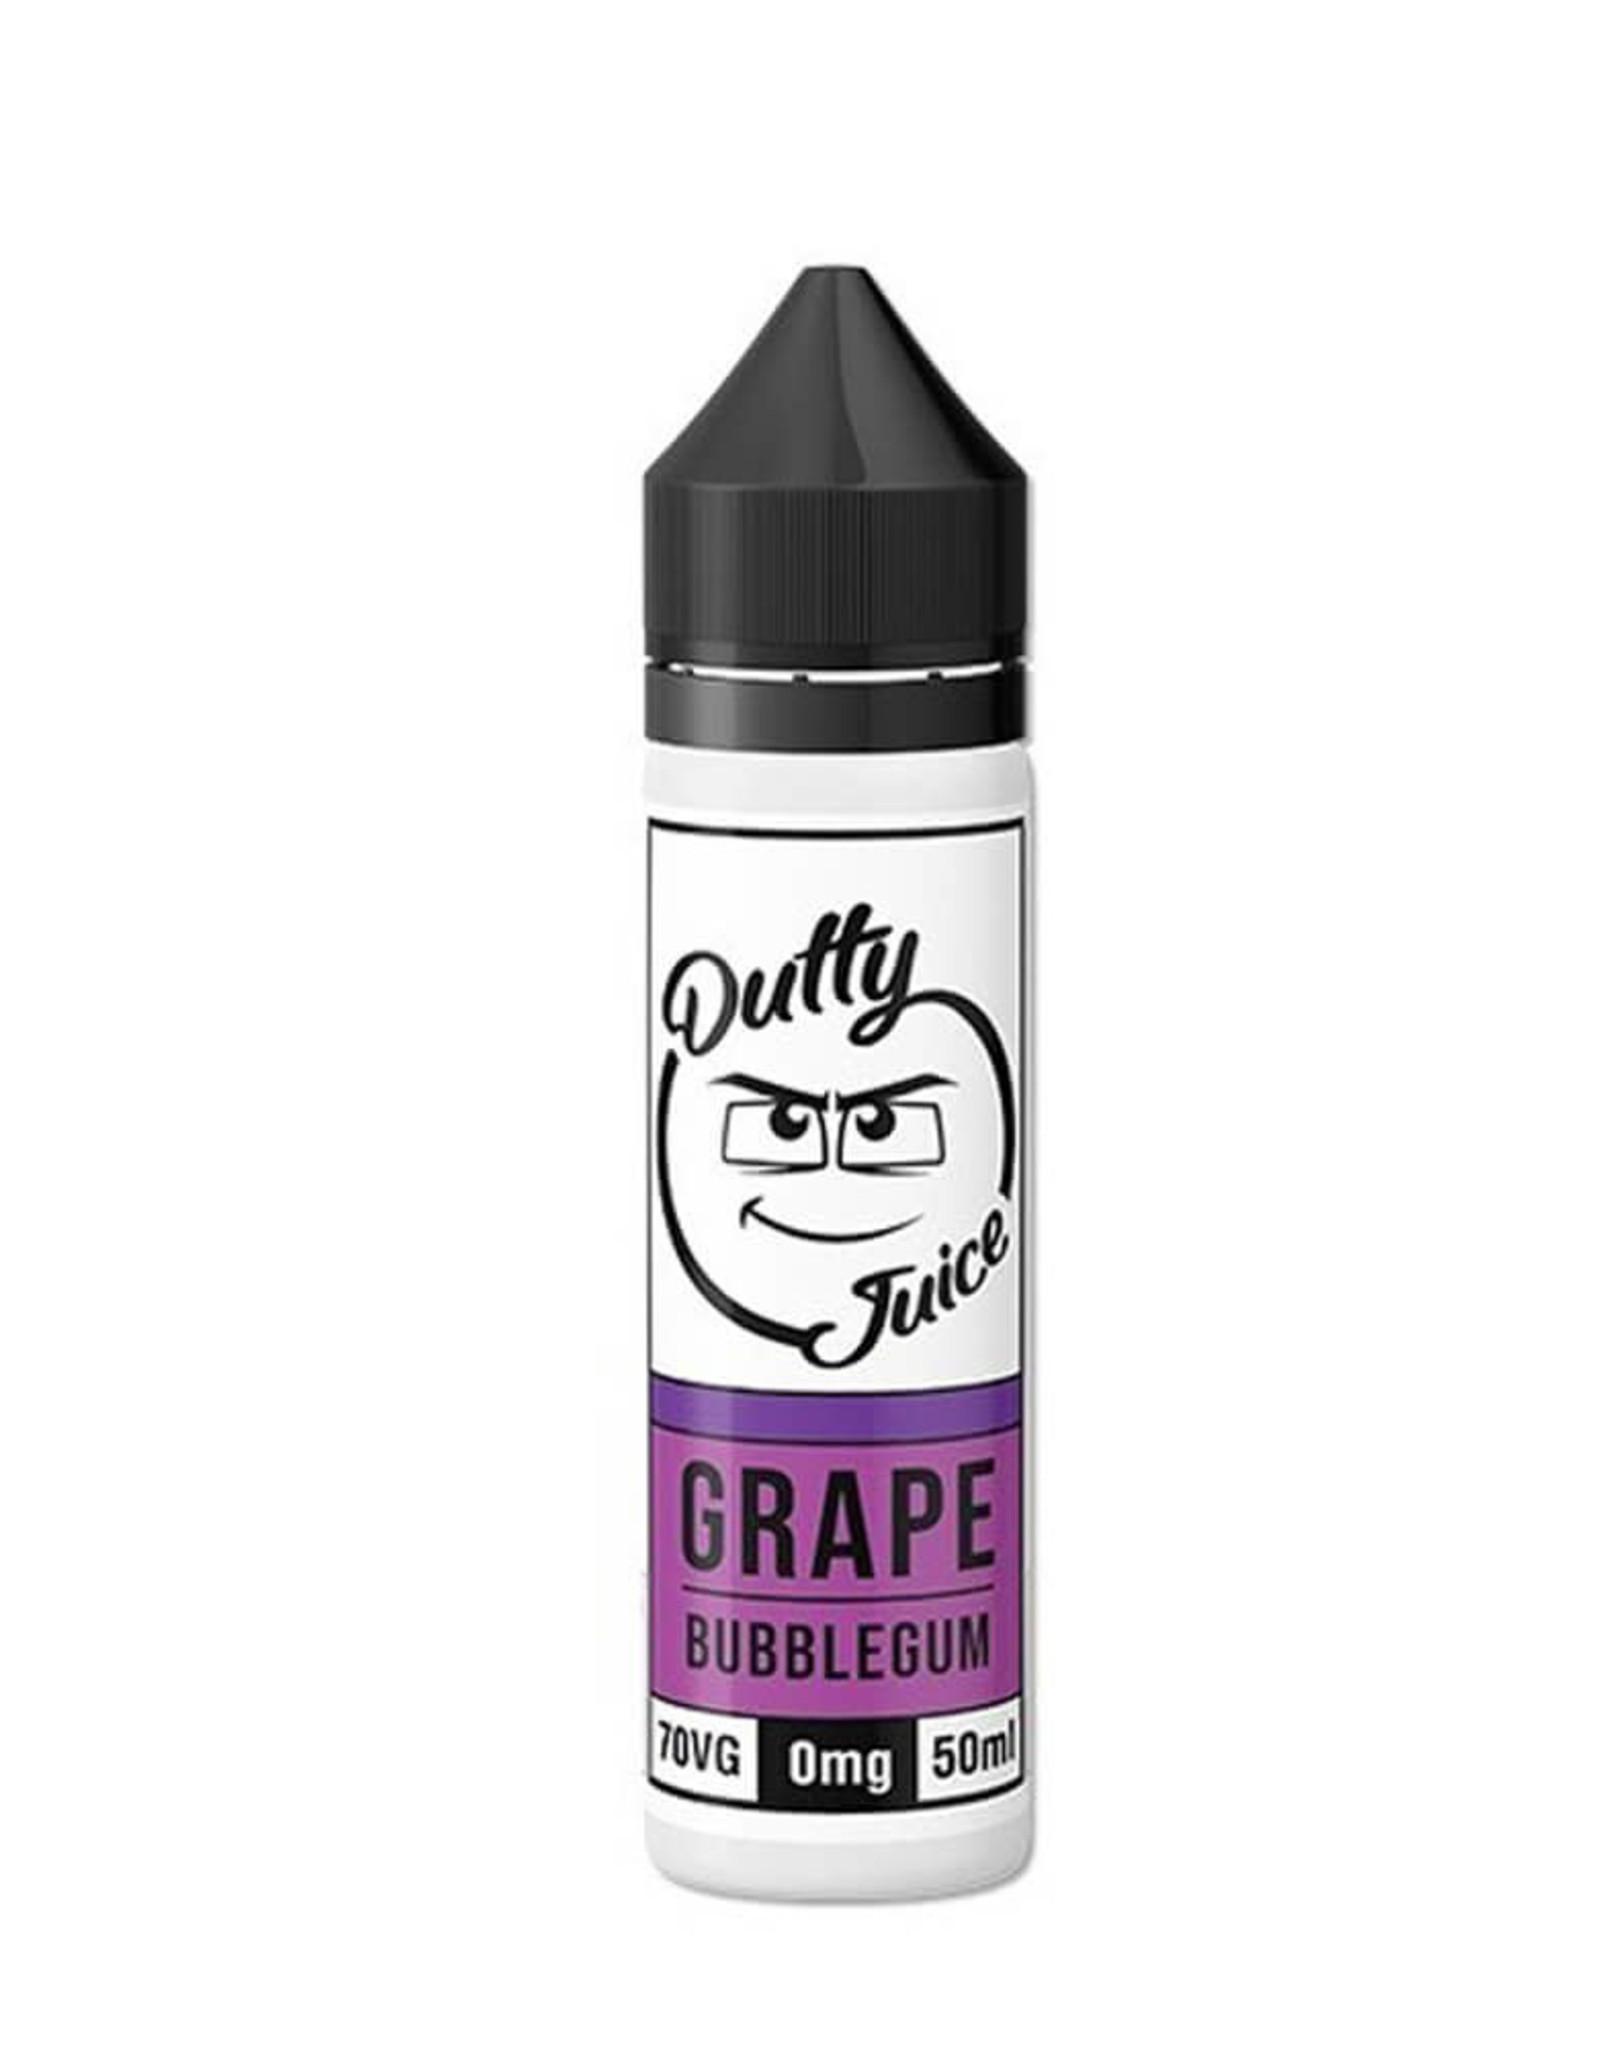 Dutty Dutty Juice - Grape Bubblegum 50ml